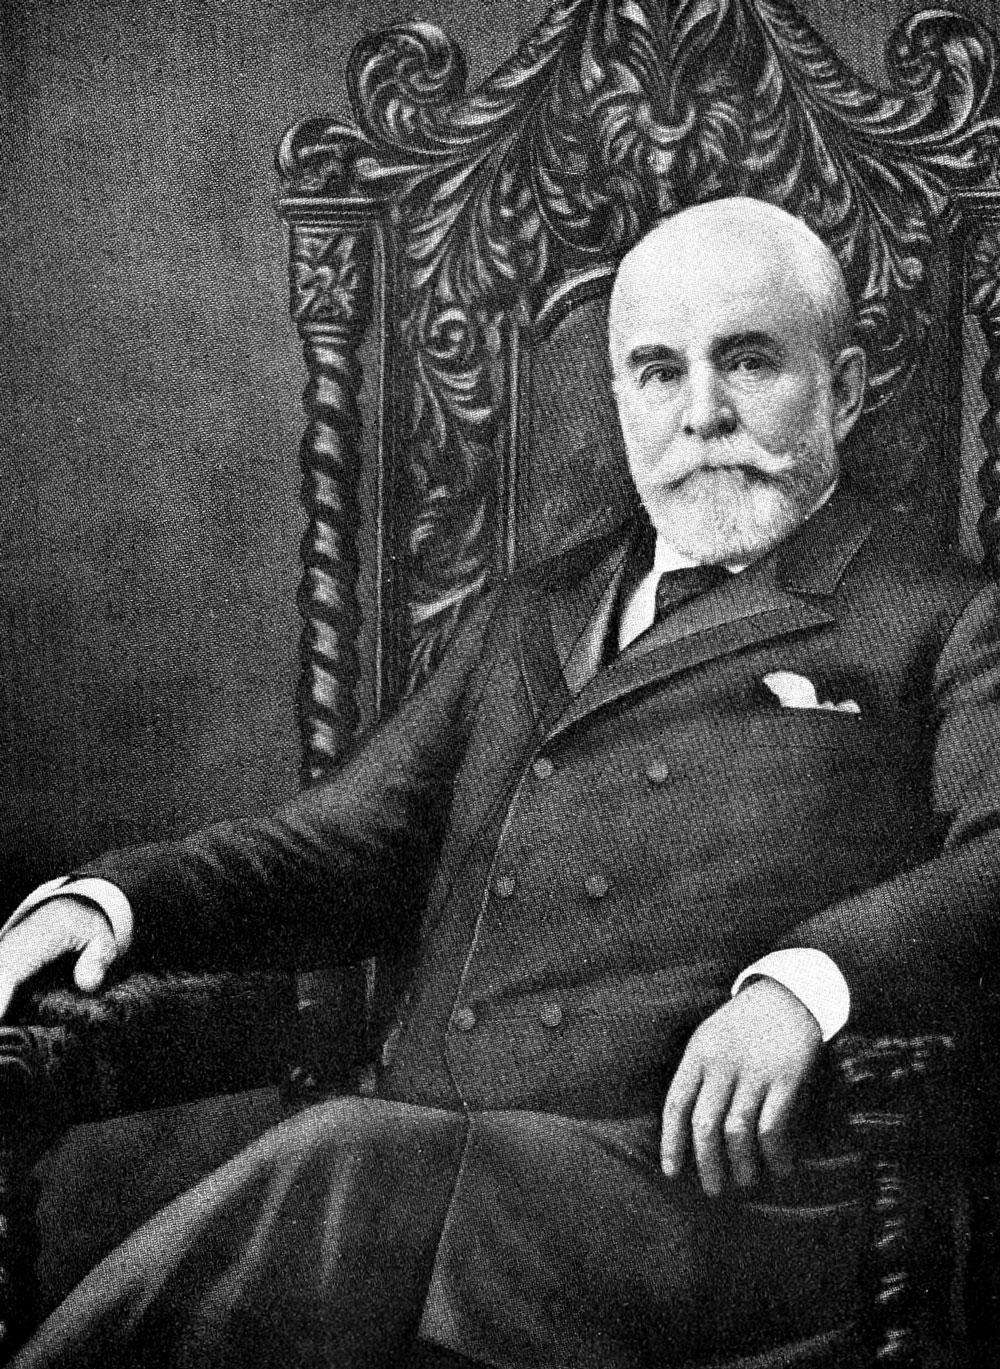 Charles Fargo